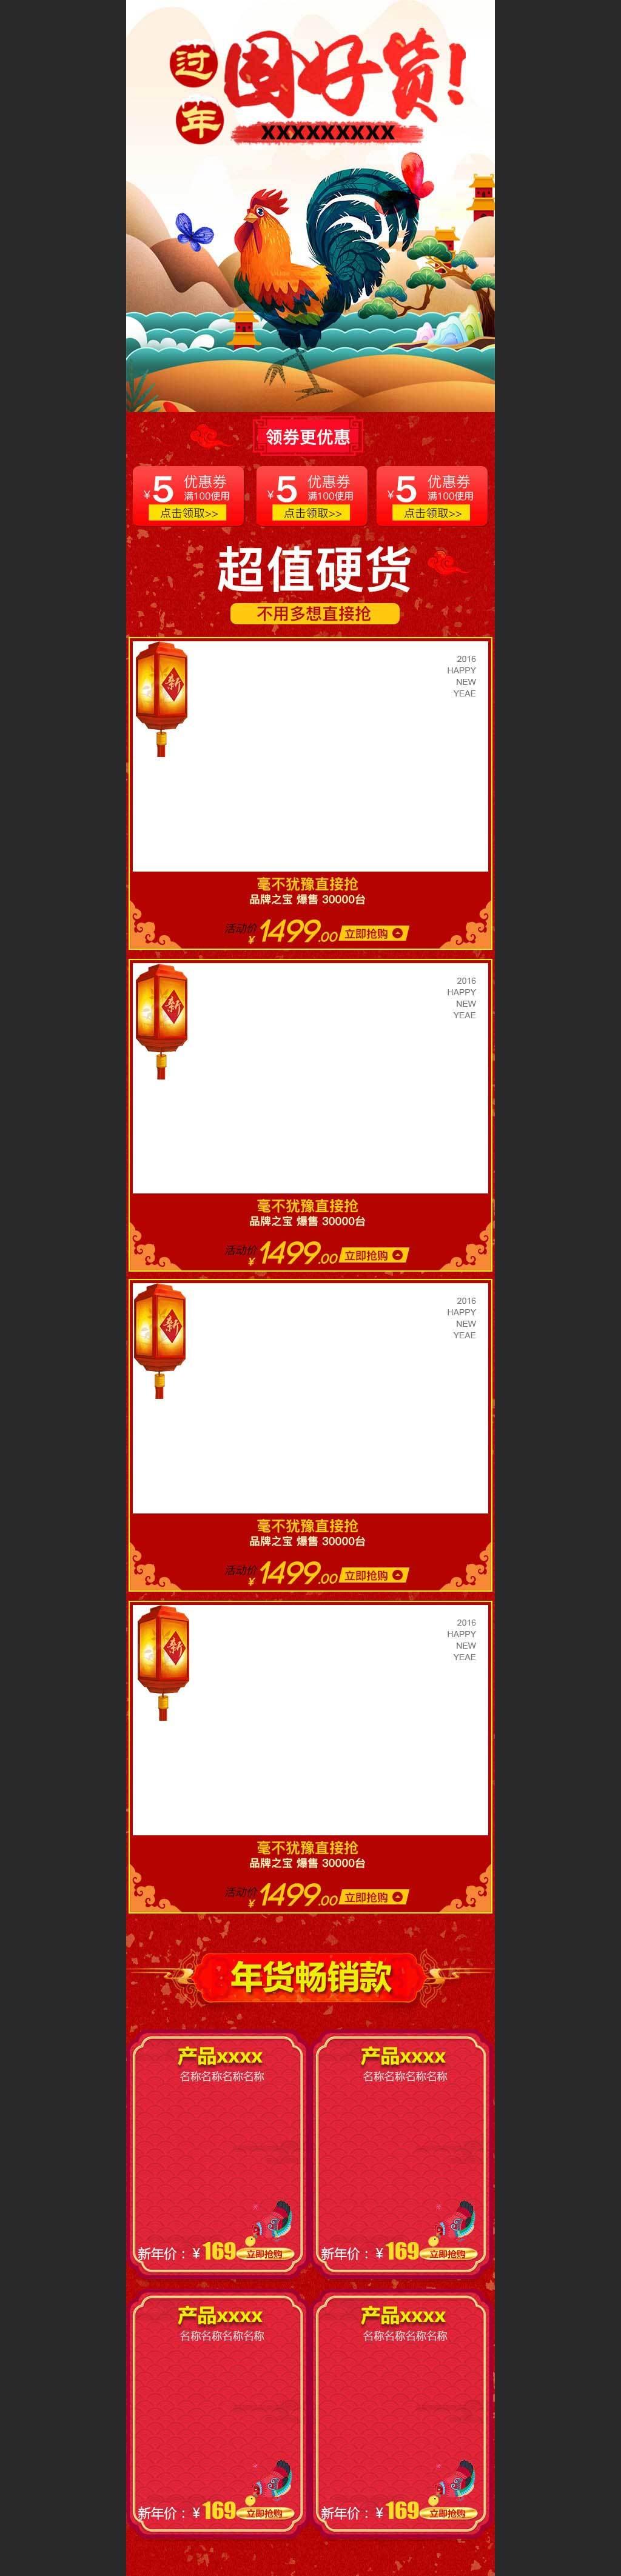 原创设计淘宝新年店铺手机端主页装修psd